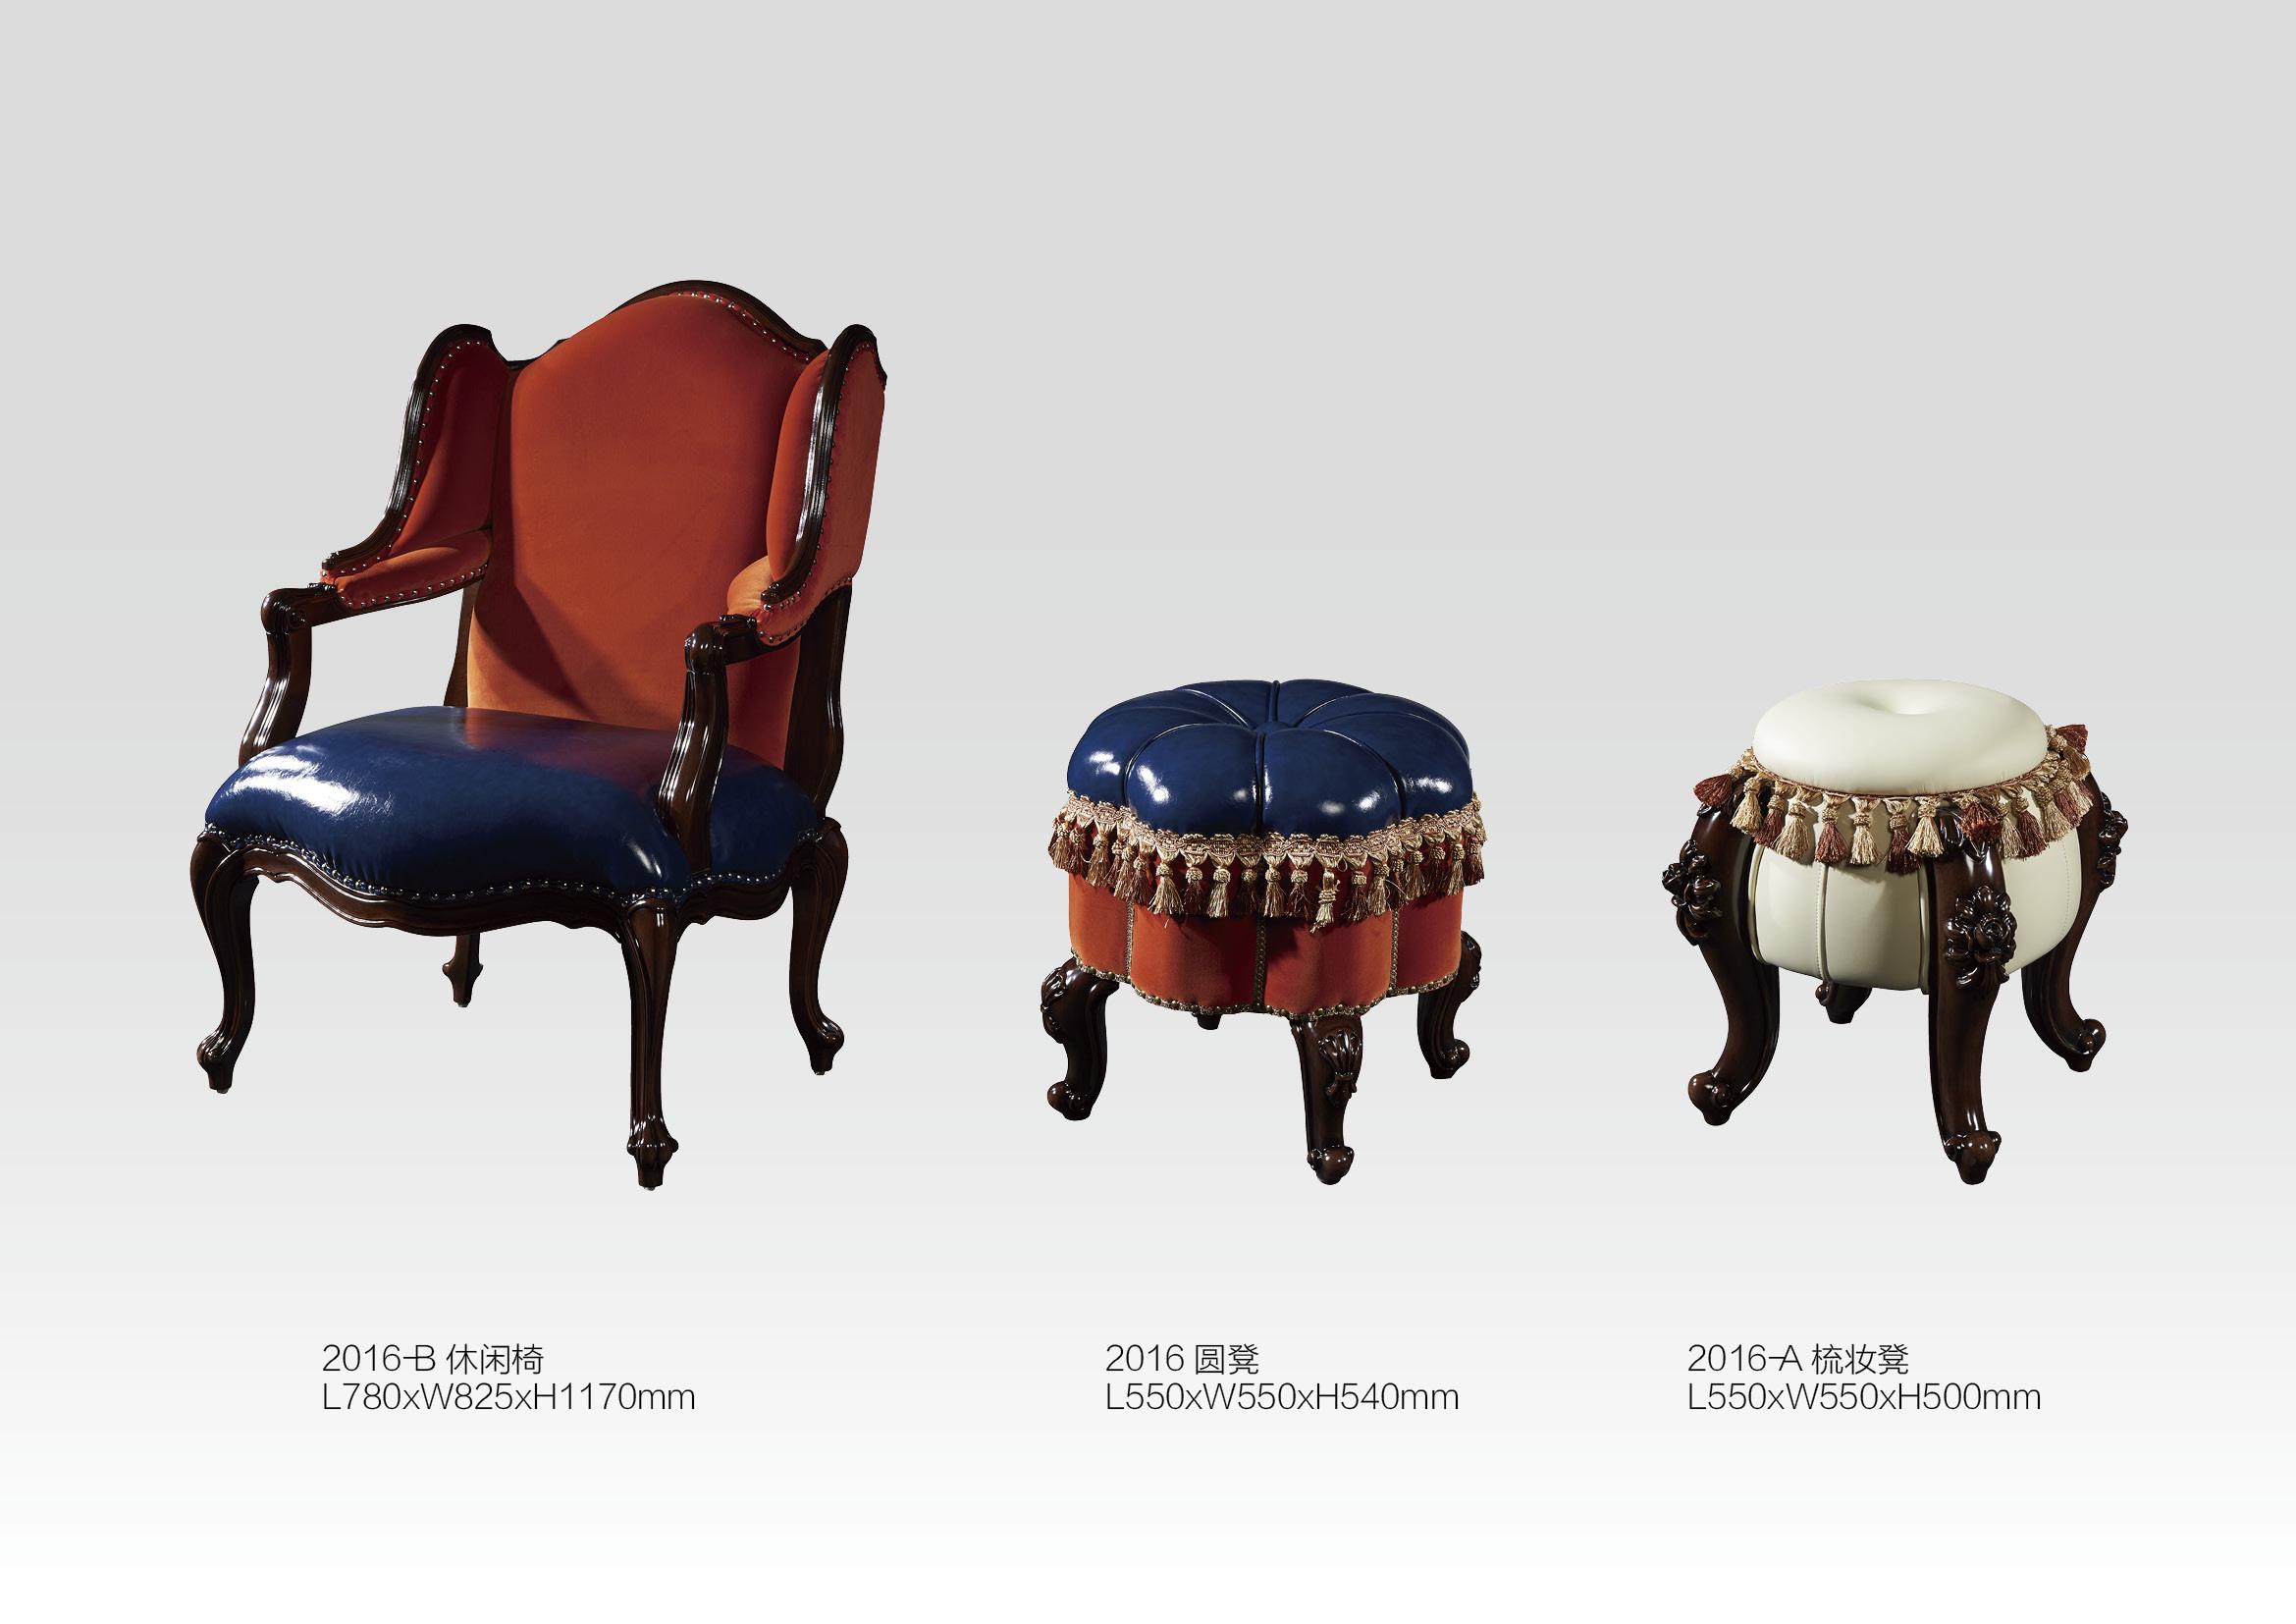 美式个性休闲皮艺沙发椅欧式圆凳梳妆凳